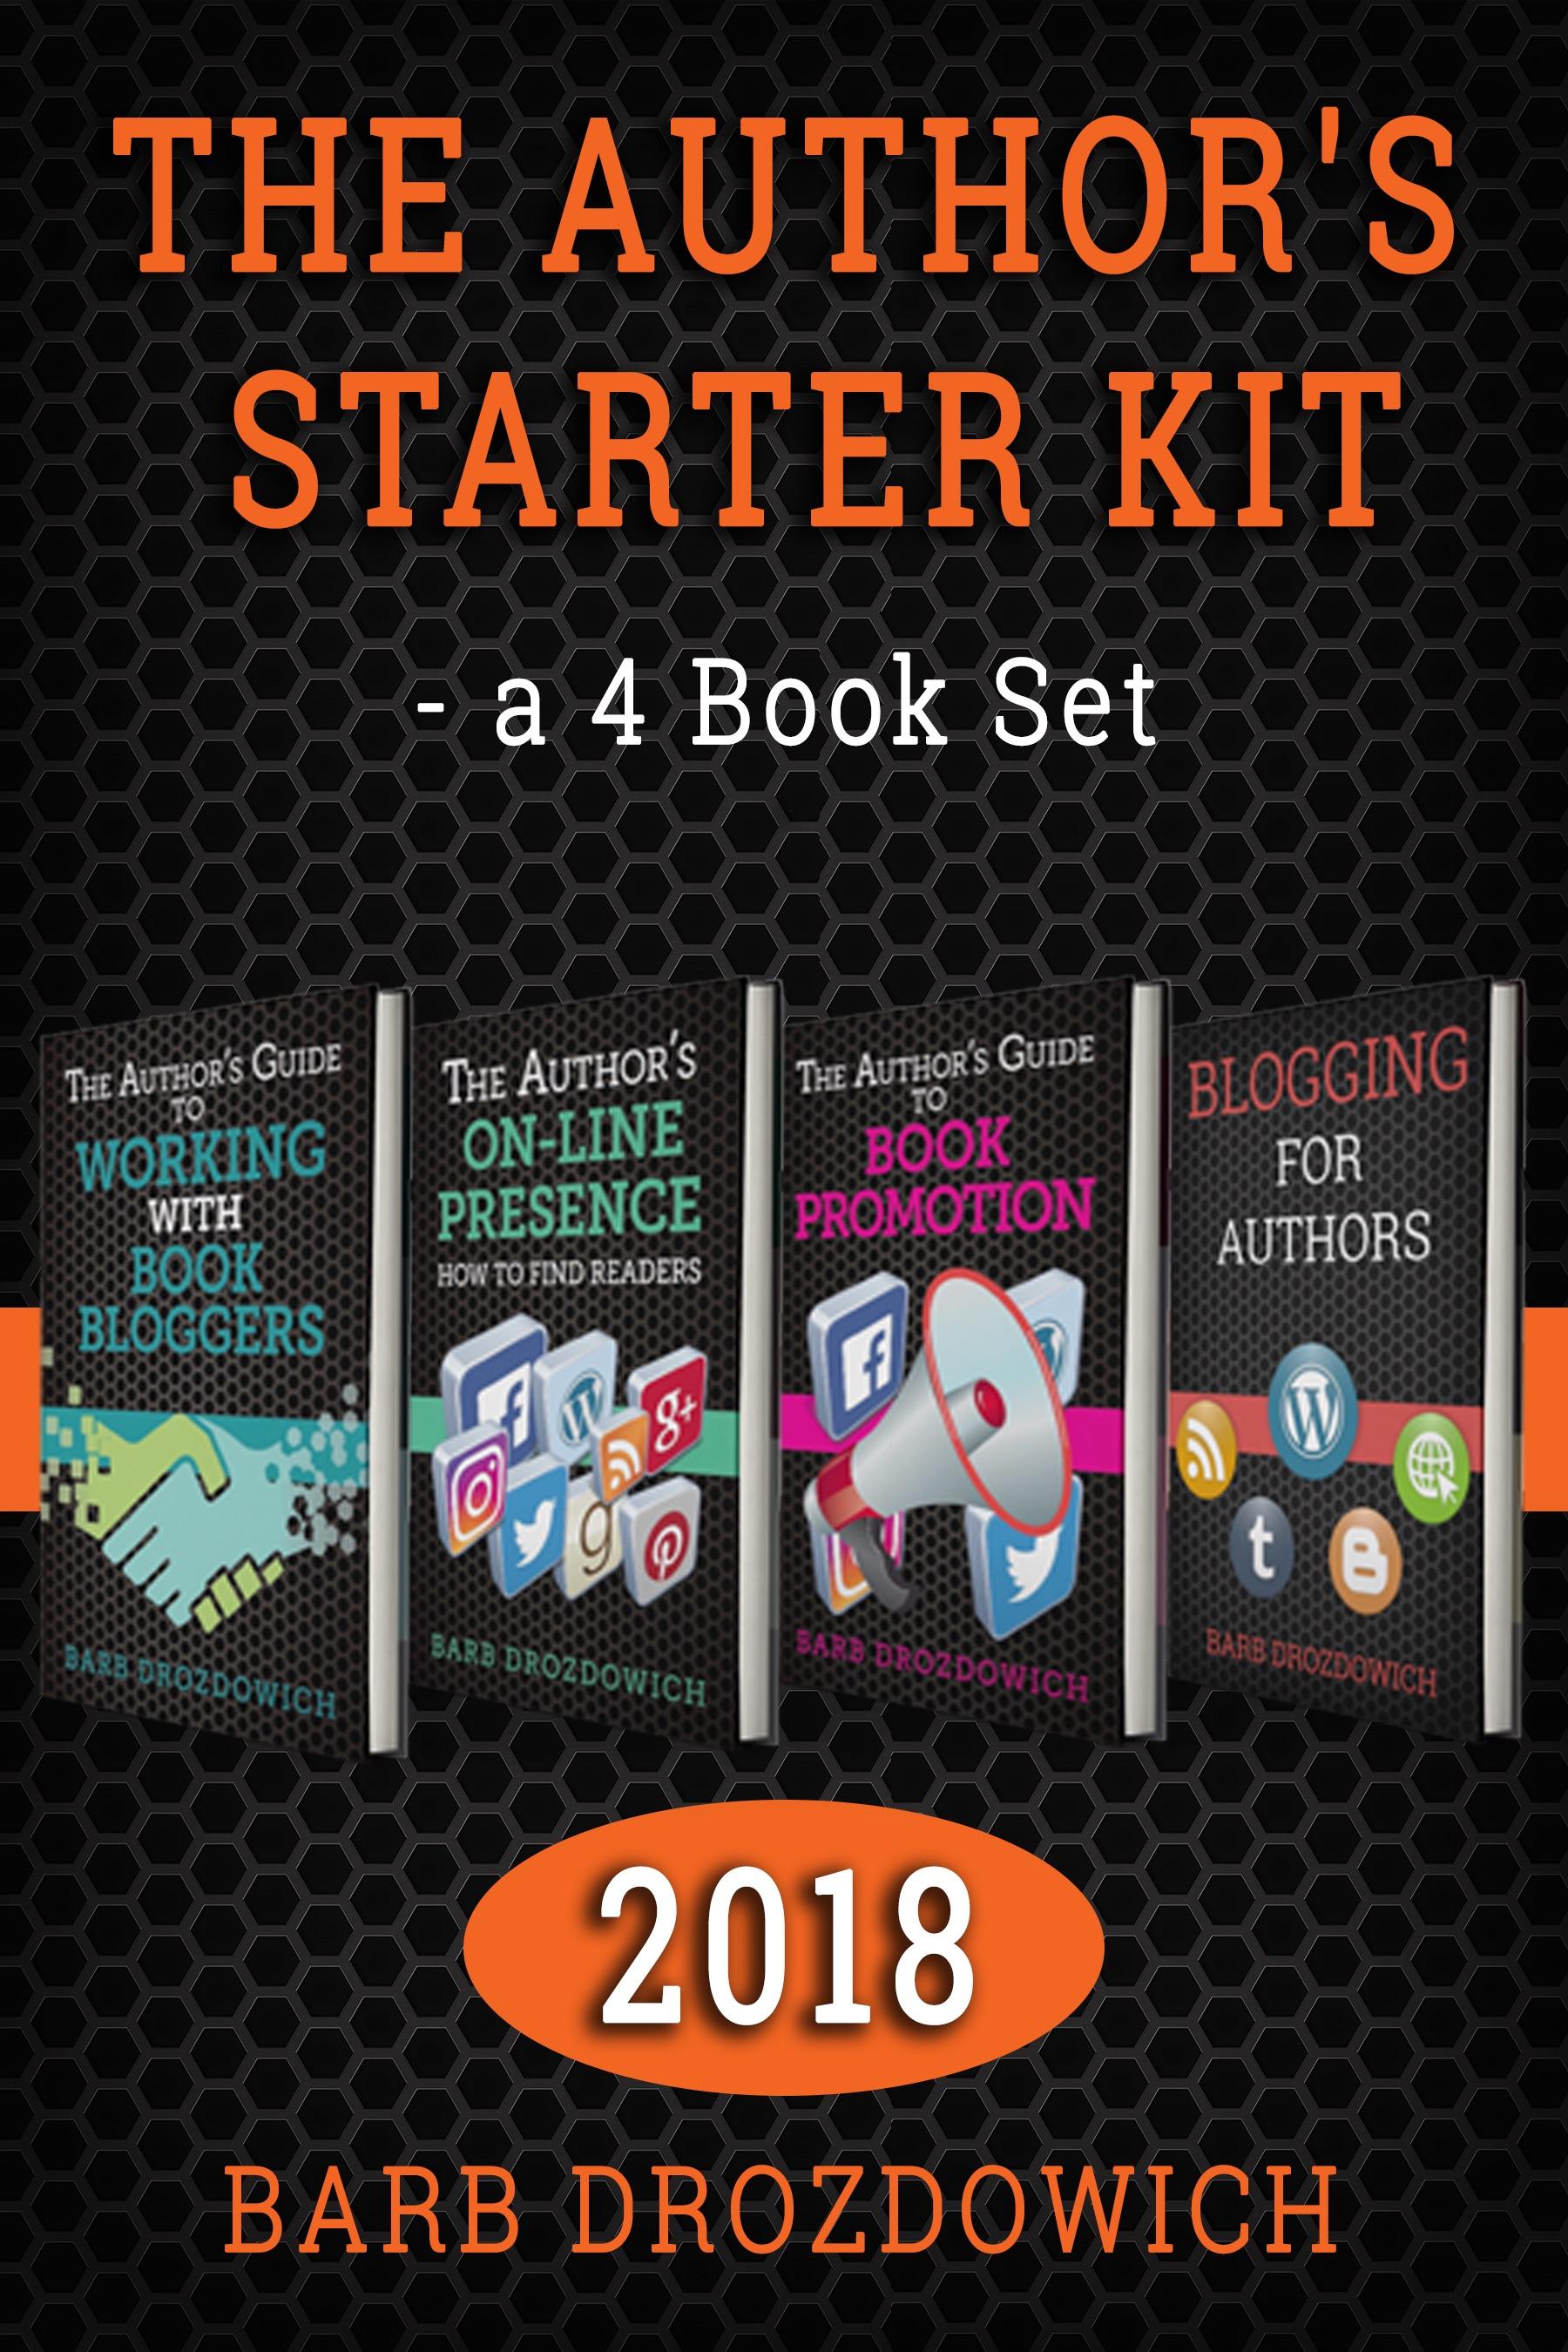 2018 Author Starter Kit